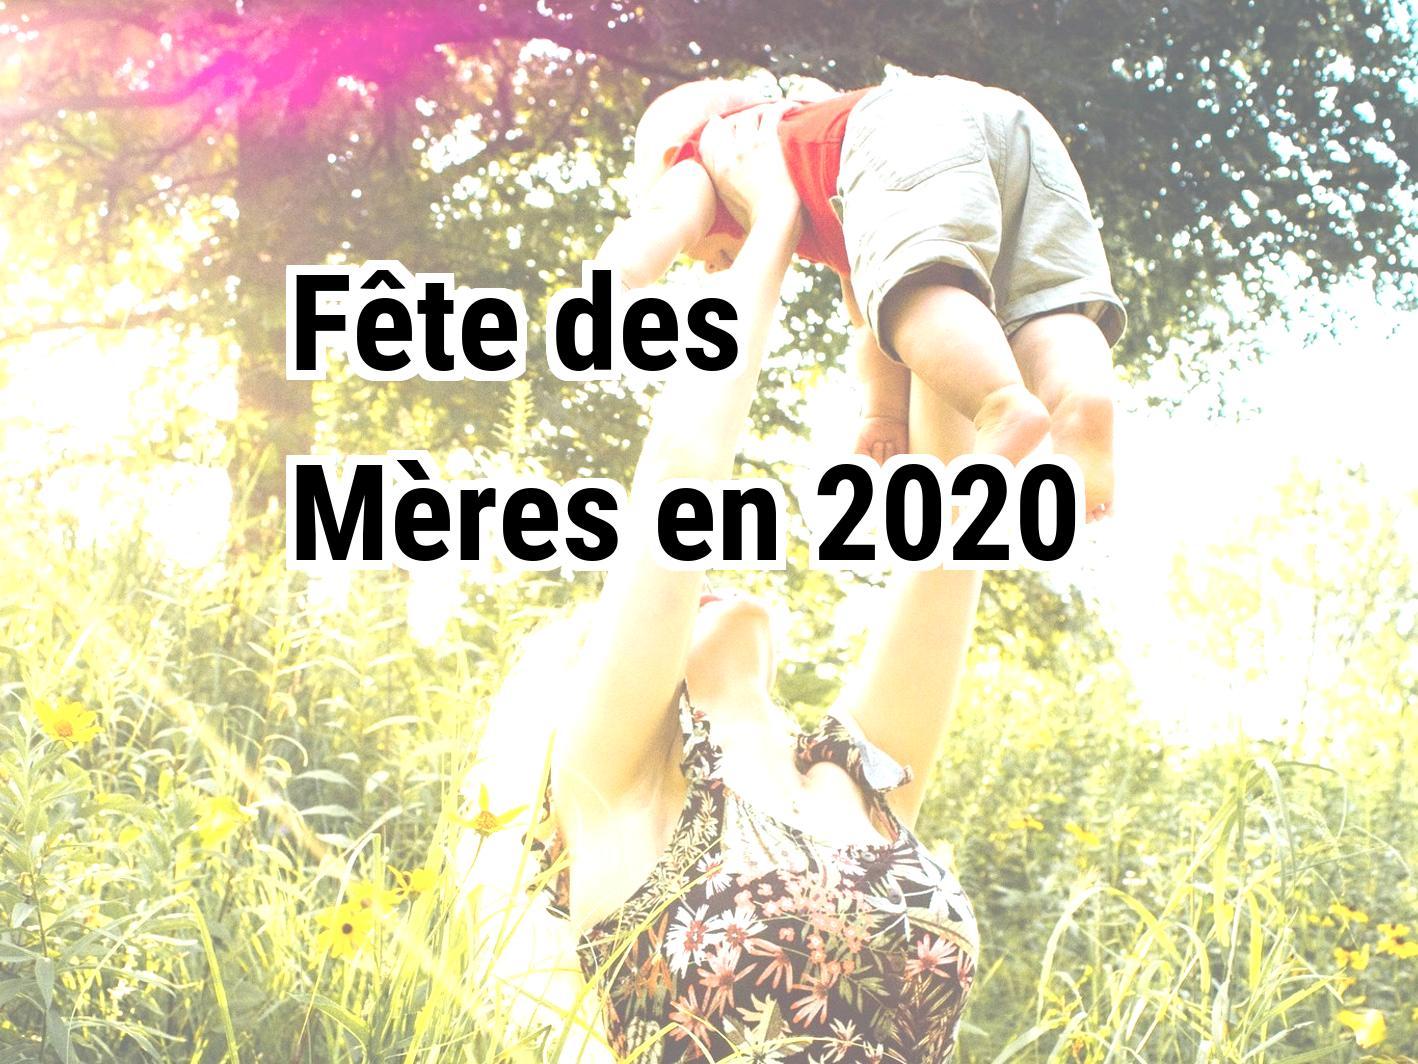 Fête des Mères 2020. Quand est le Fête des Mères en 2020?